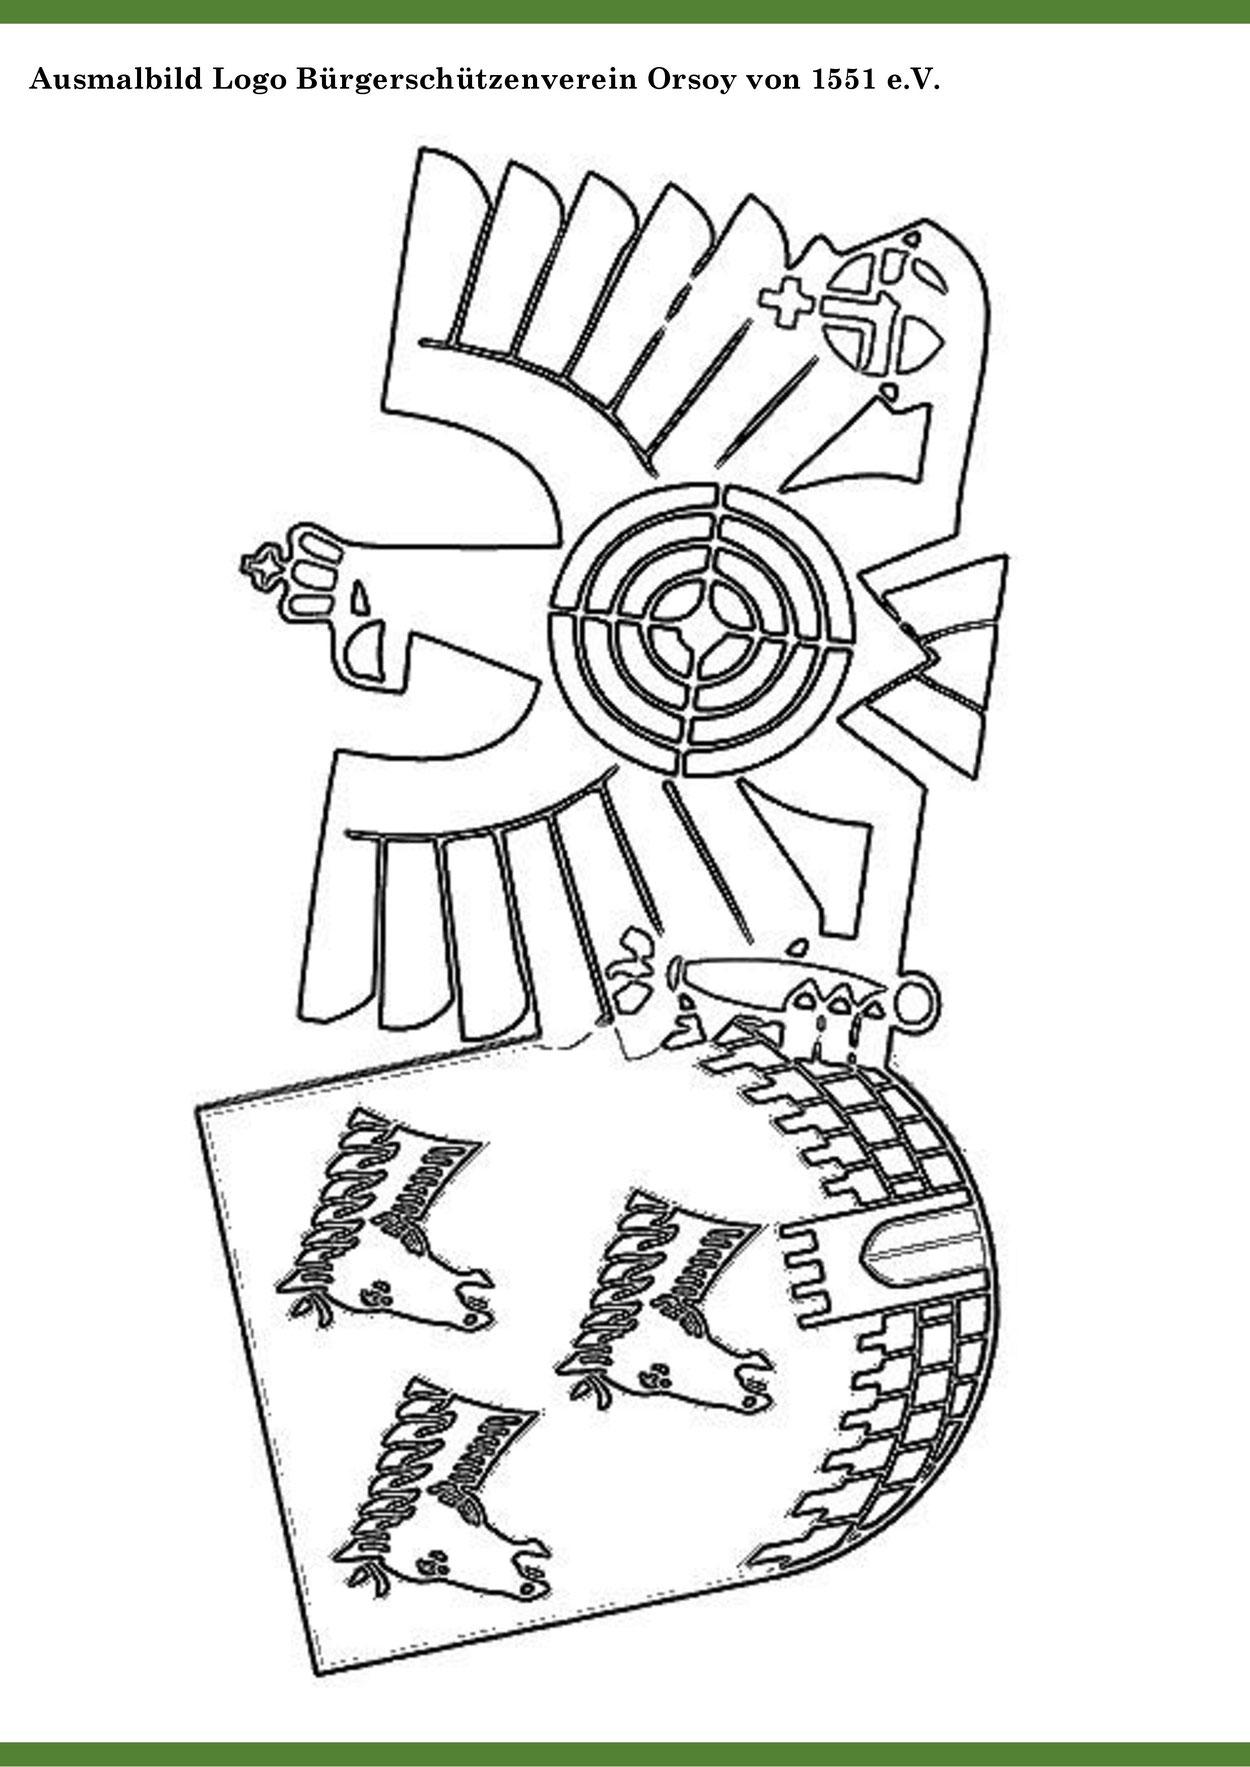 BSV-Orsoy, Orsoy, Schützenblatt, Bürgerschützenverein, Schützenverein, Kinderschützenblatt